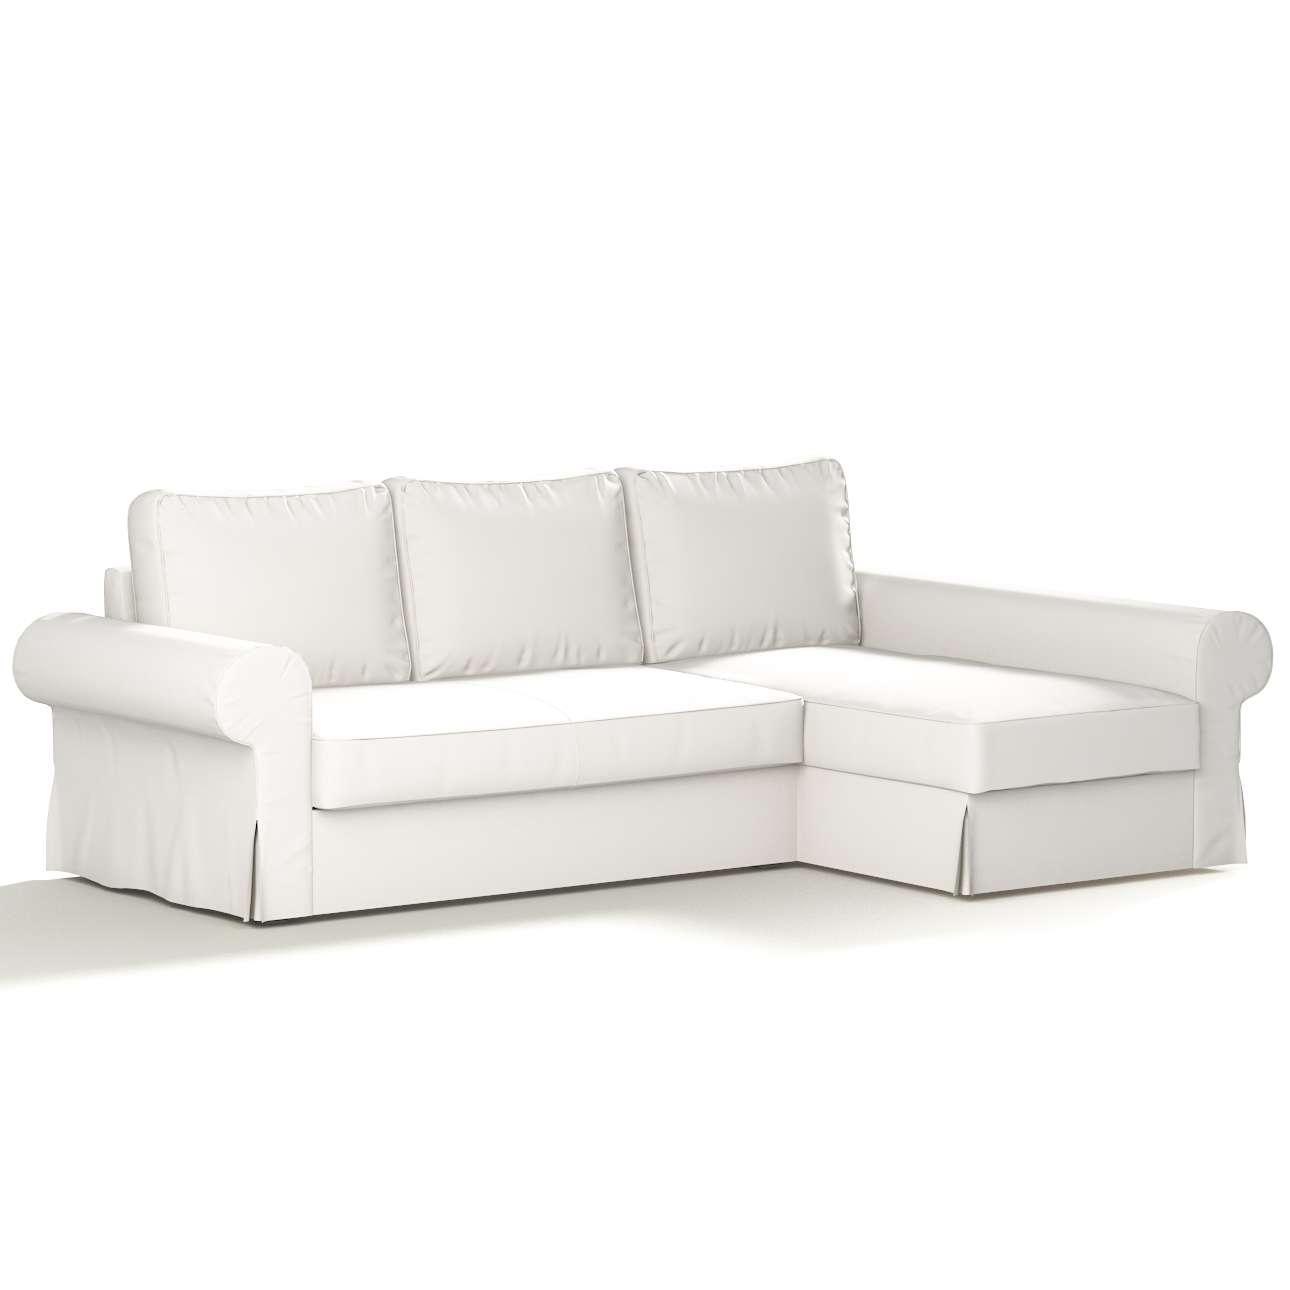 Bezug für Backabro Bettsofa / Recamiere von der Kollektion Cotton Panama, Stoff: 702-34